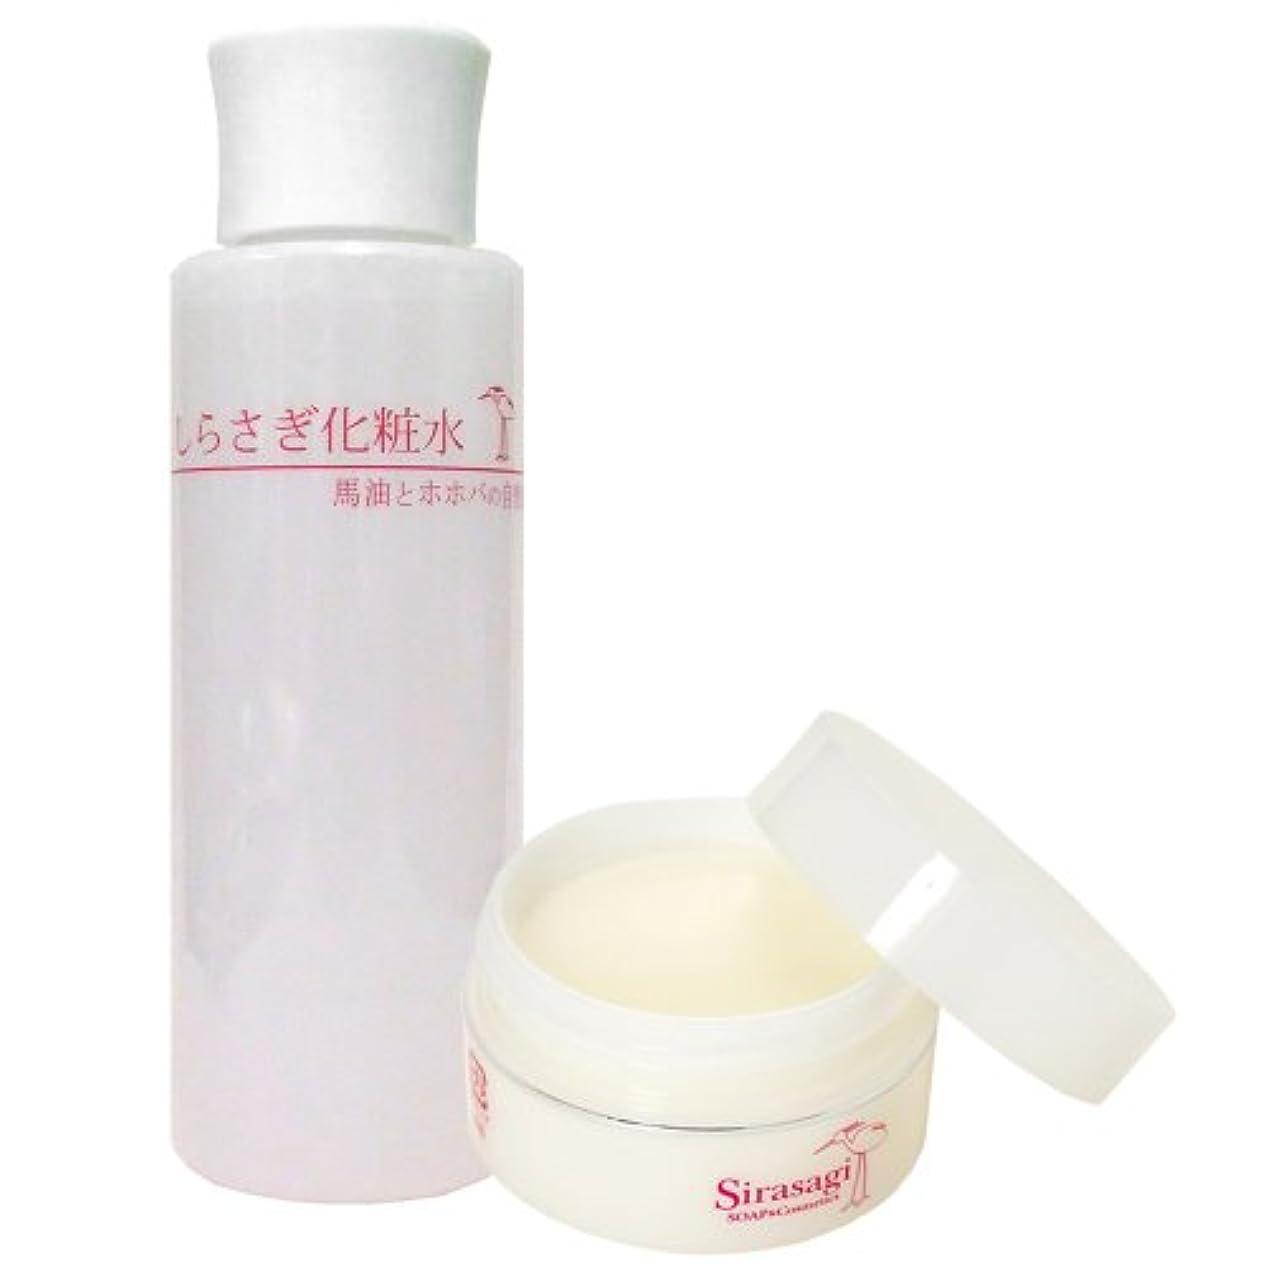 システム凝視純粋なしらさぎクリーム(ラベンダーとローズウッドの香り)としらさぎ化粧水のセット